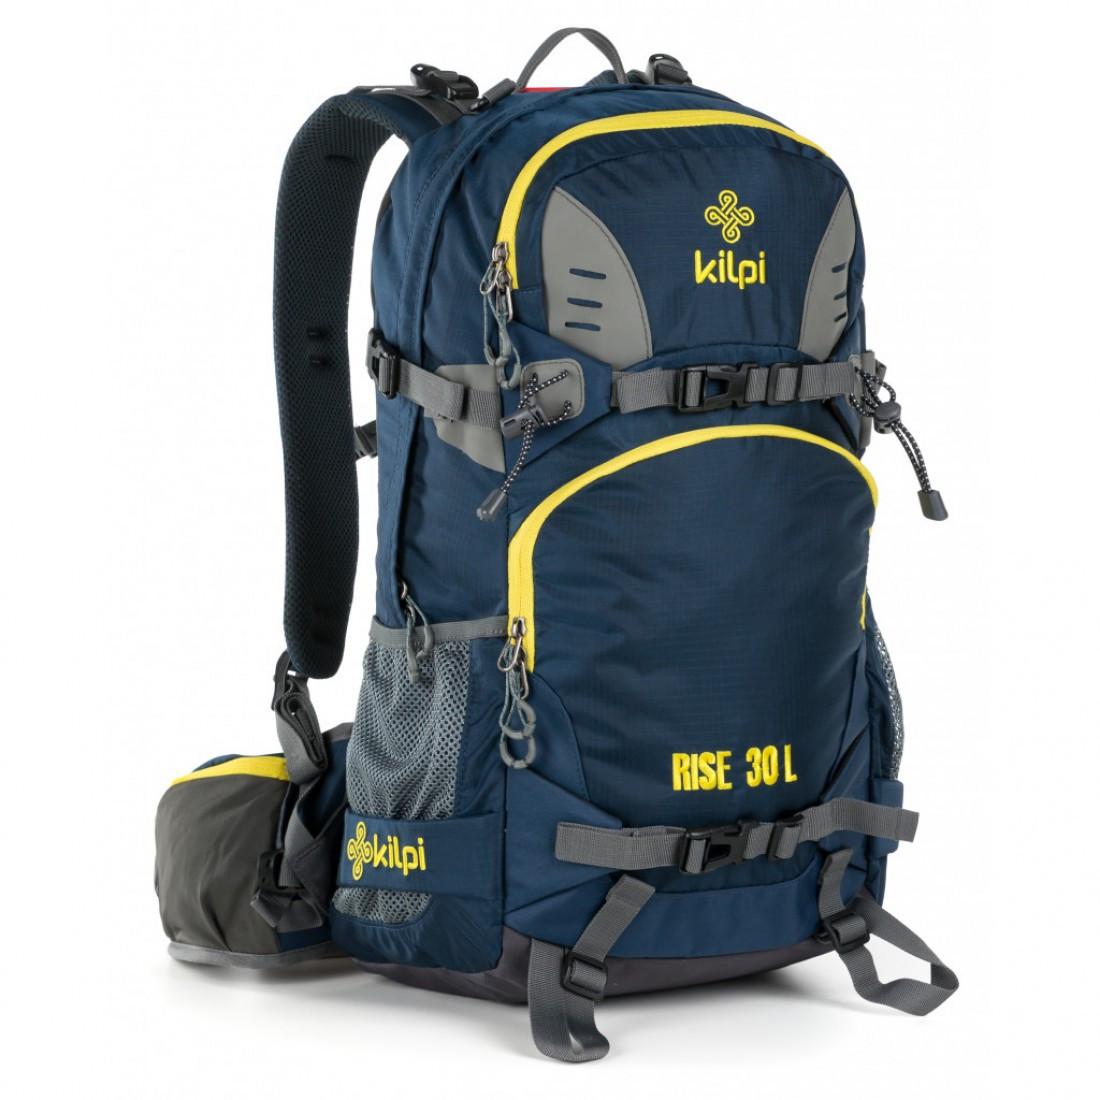 Рюкзак туристический 30-литровый Kilpi RISE-U для спорта и туризма. Цвет: синий